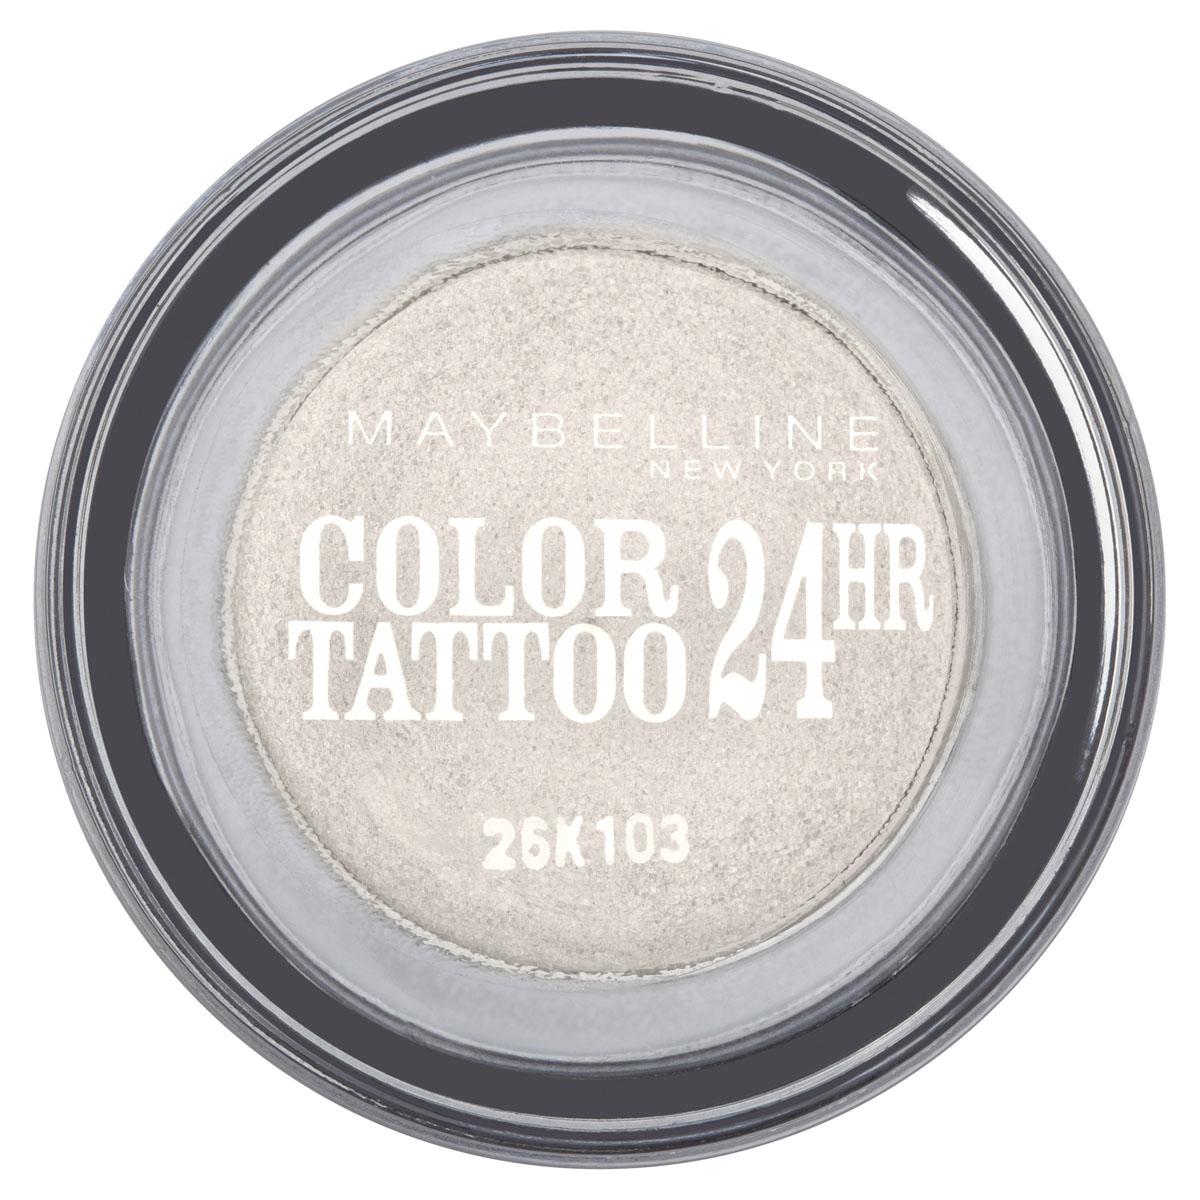 Maybelline New York Тени для век Color Tattoo 24 часа, оттенок 45, Бесконечно белый, 4 млA4029206Технология тату-пигментов создает яркий, супернасыщенный цвет. Крем-гелевая текстура обеспечивает ультралегкое нанесение и стойкость на 24 часа.12 оттенков